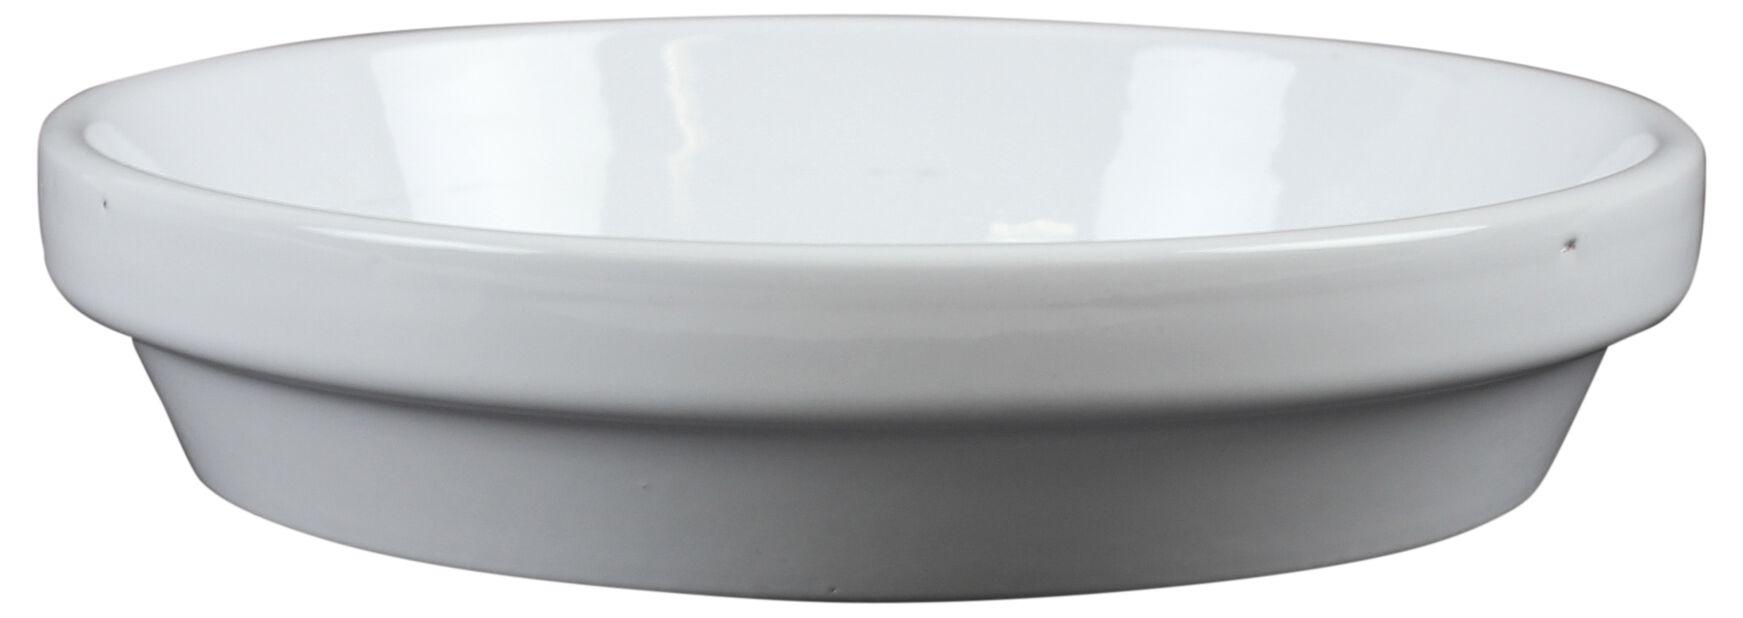 Keraaminen aluslautanen, Ø13 cm, Valkoinen